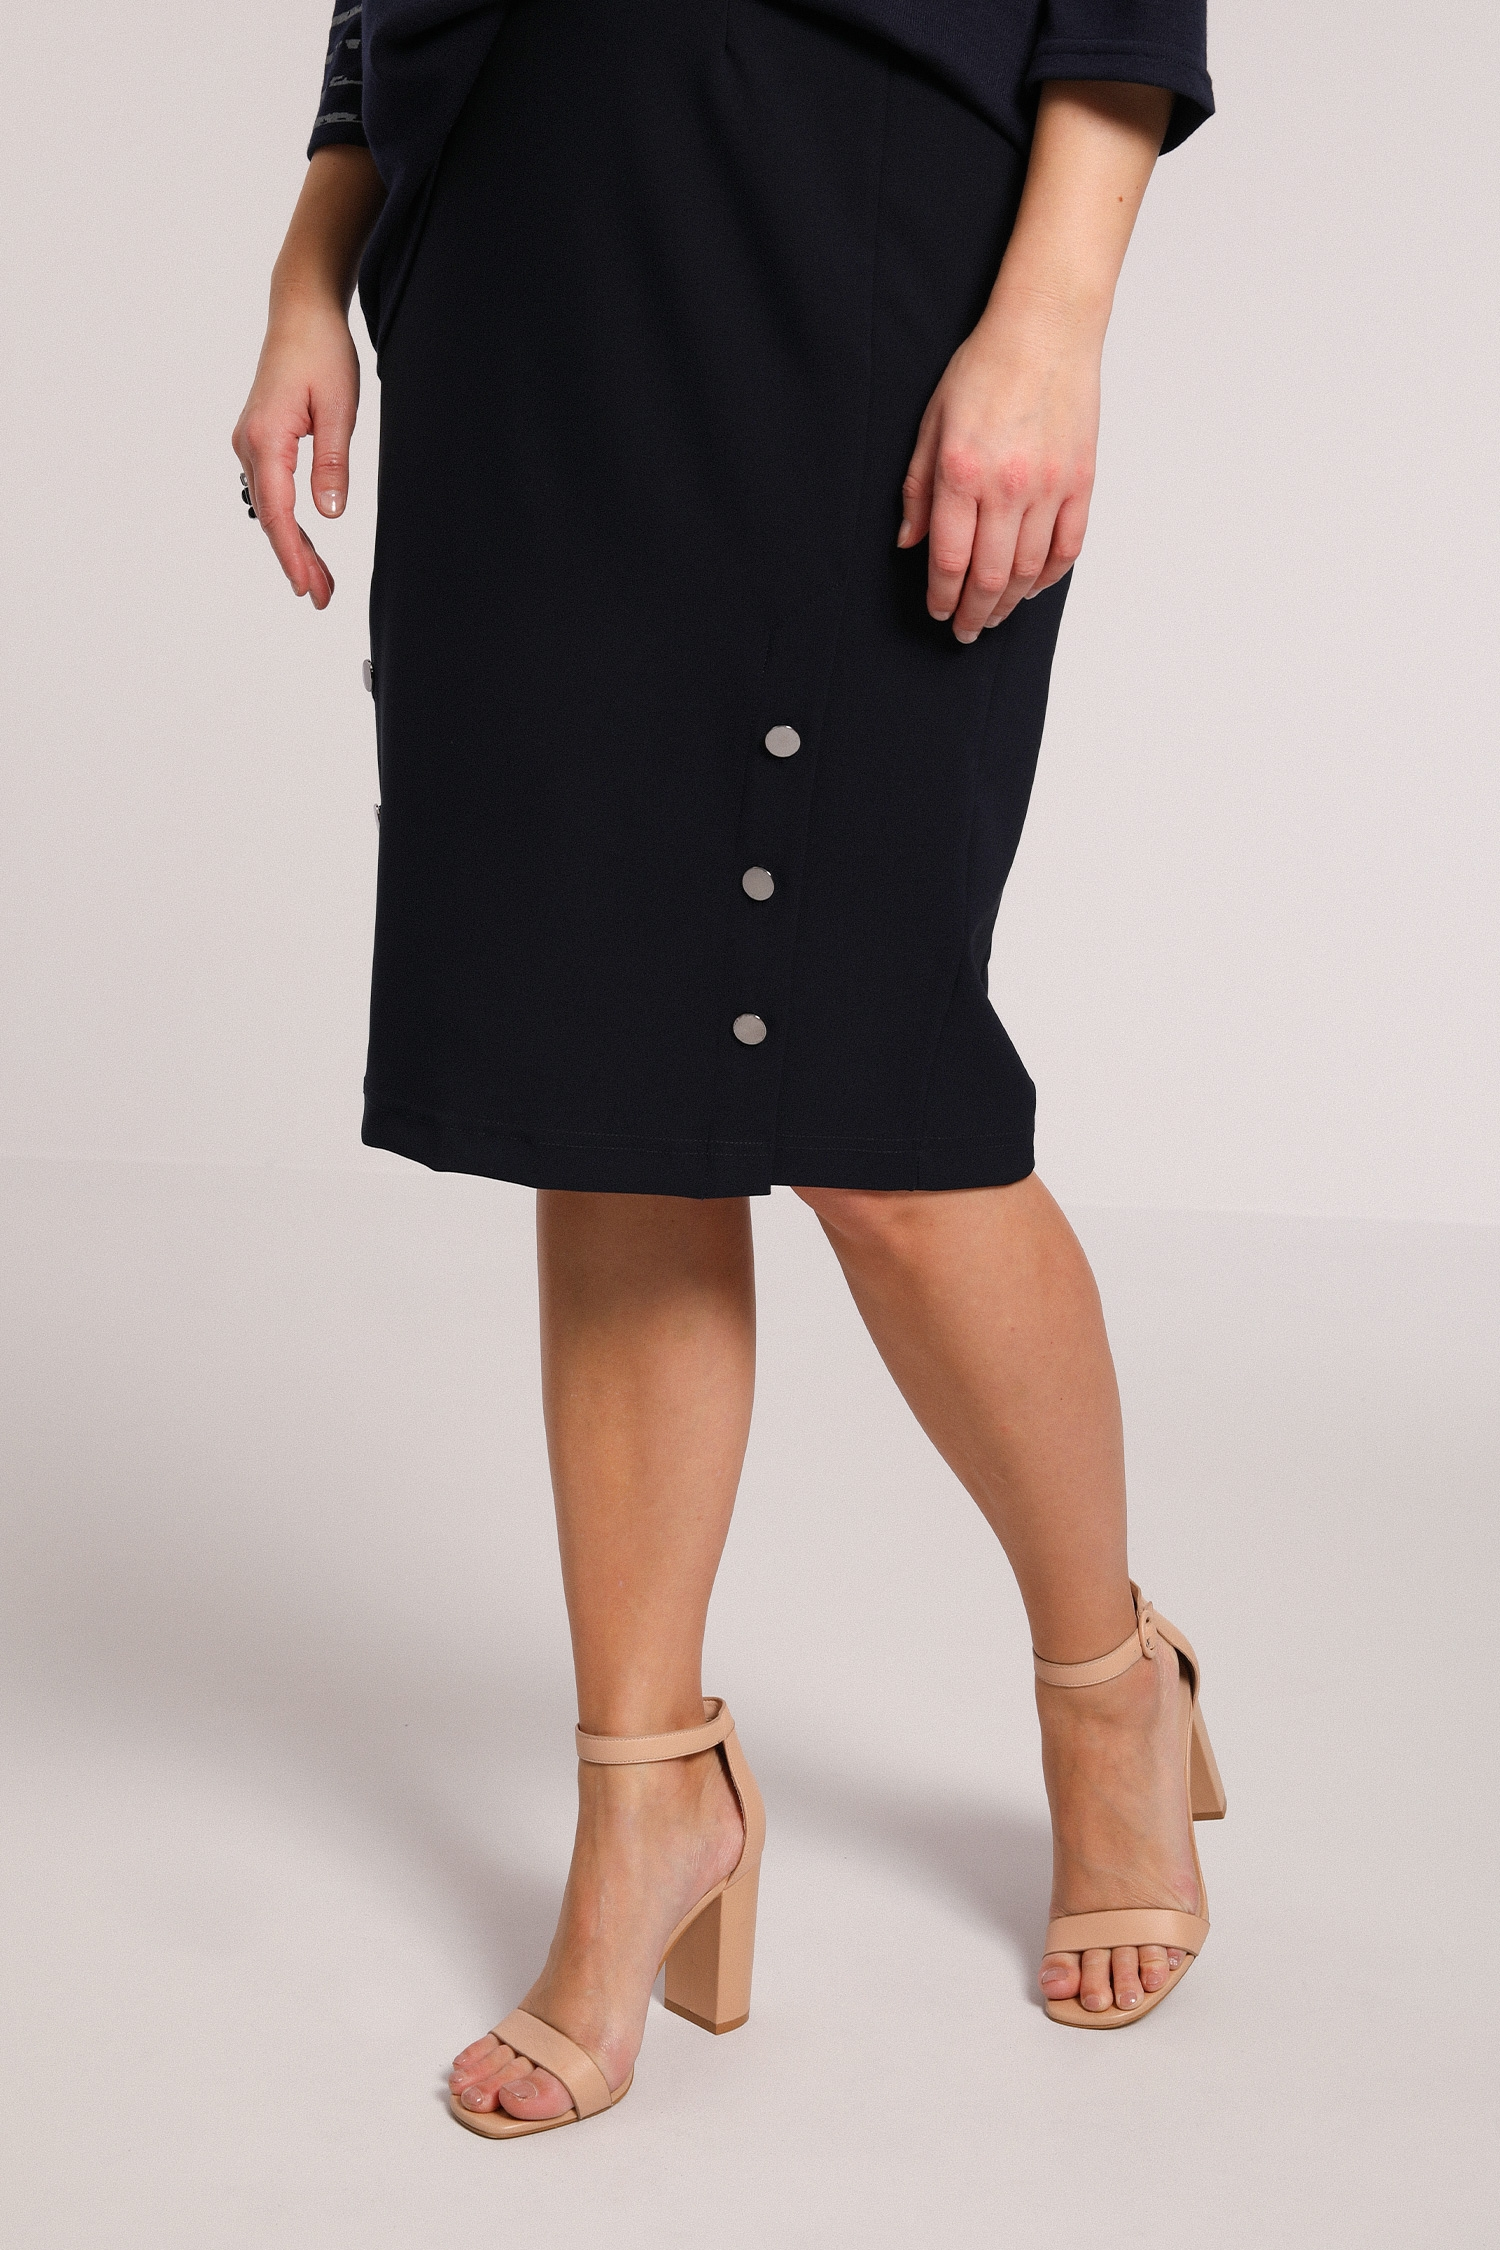 Bistrech pencil skirt